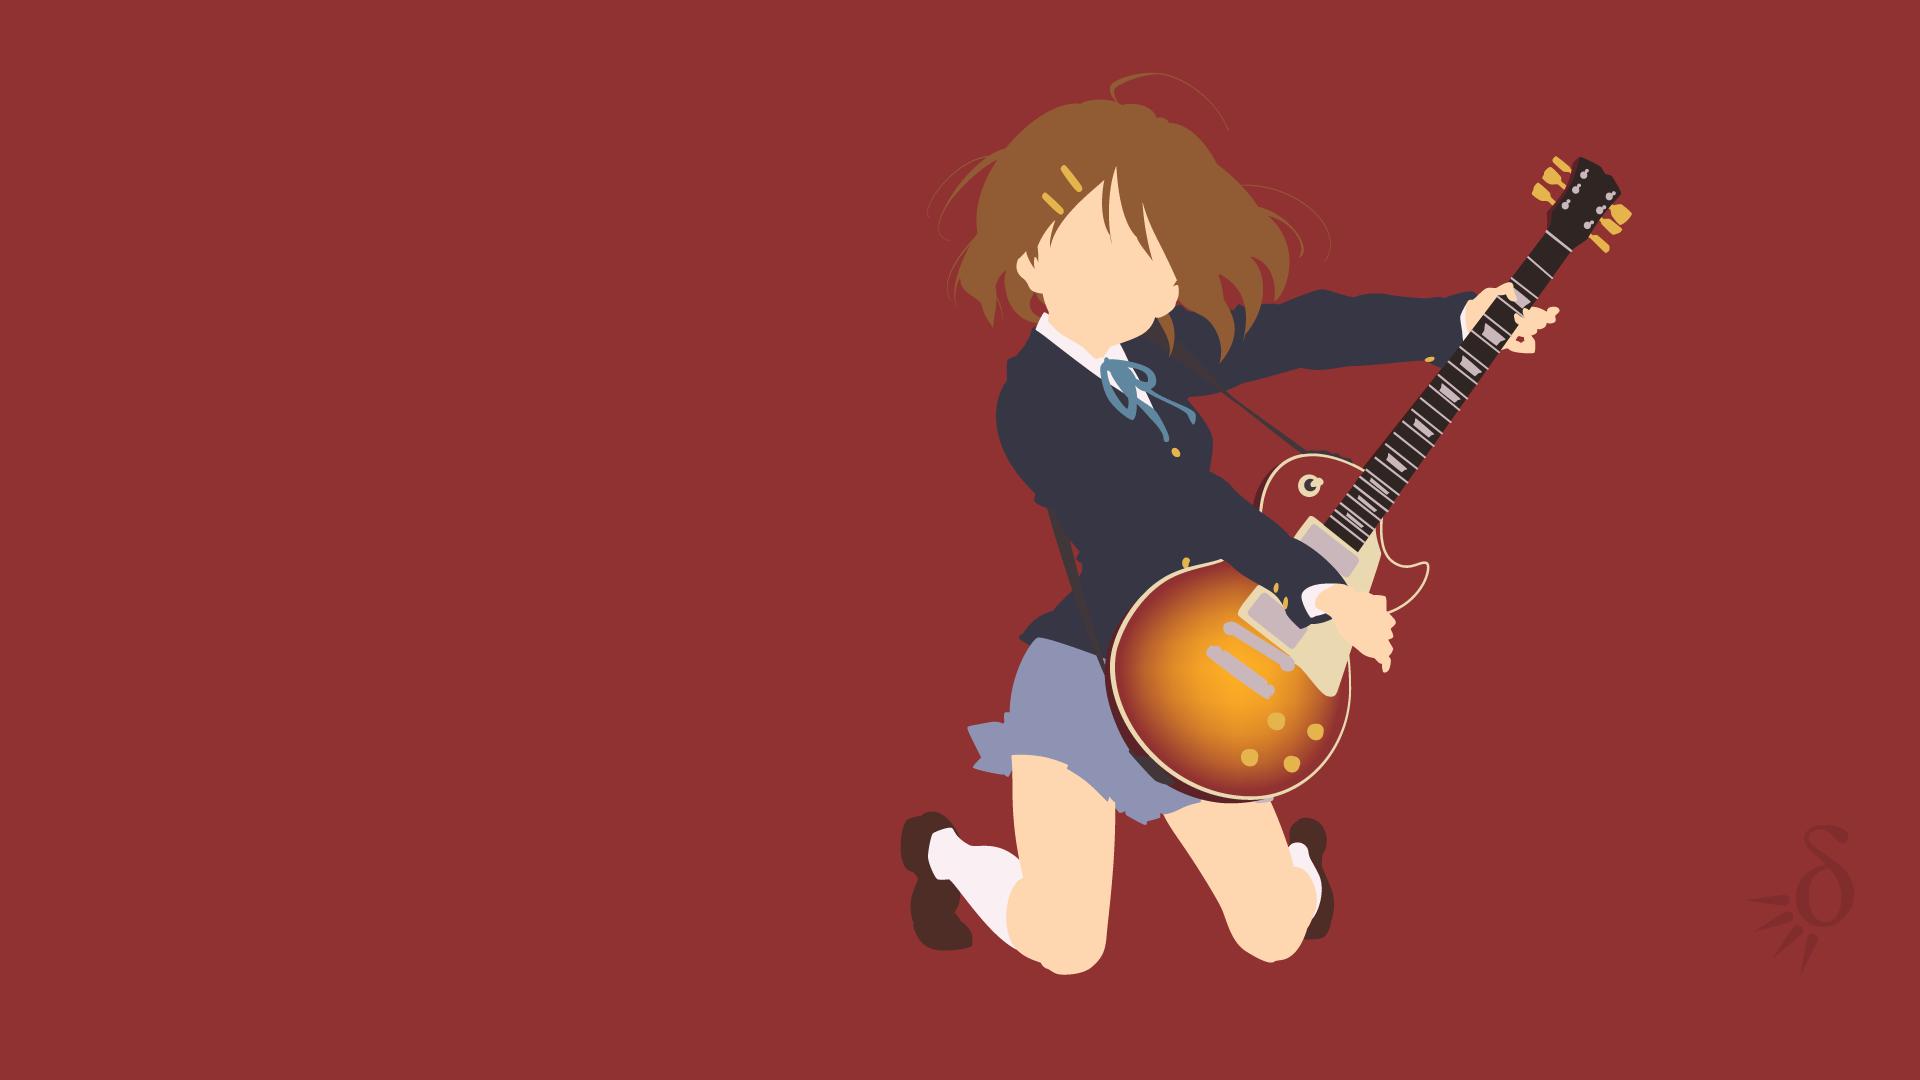 Fondos De Pantalla Ilustración Chicas Anime Guitarra